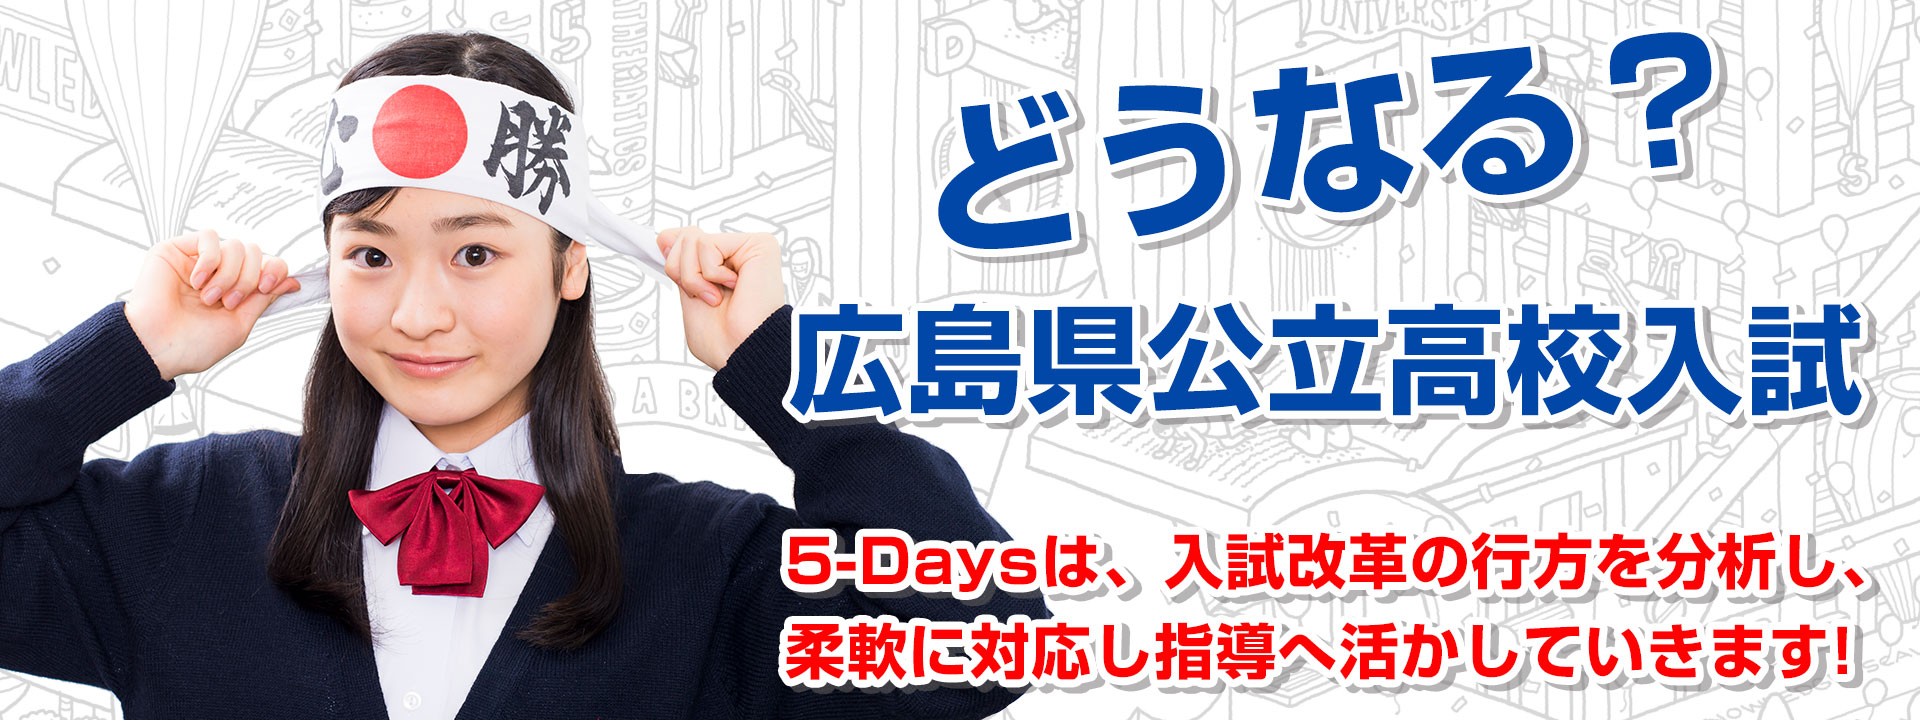 広島県公立高校入試